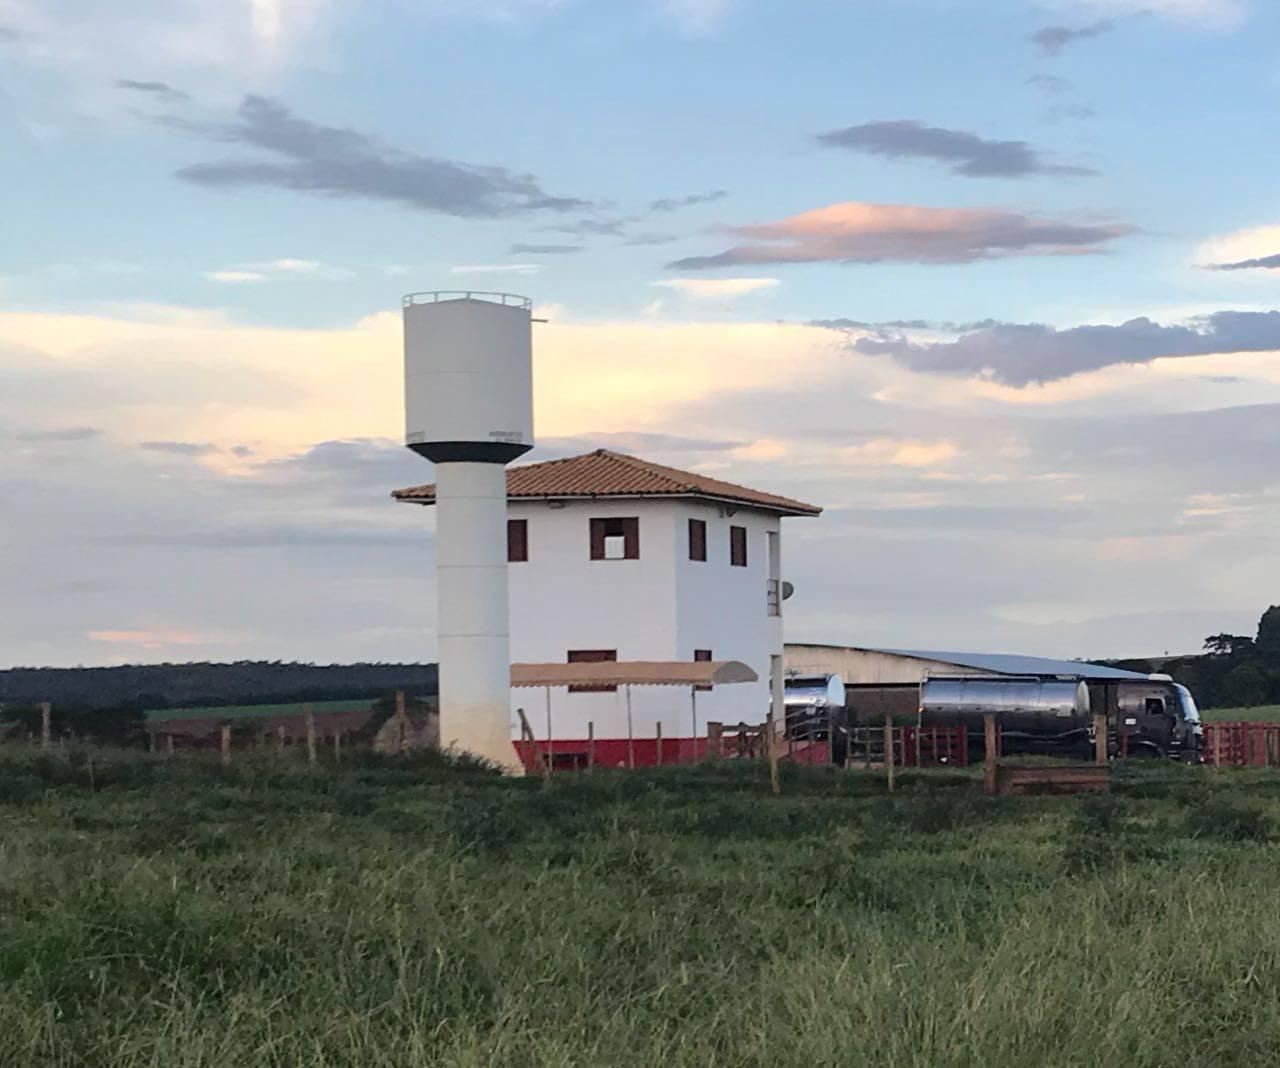 Propriedade de 130 ha em Leopoldo de Bulhões virou centro de conflito agrário na região e agora é vigiada por seguranças contratados pelos novos proprietários | Foto: Folha Z